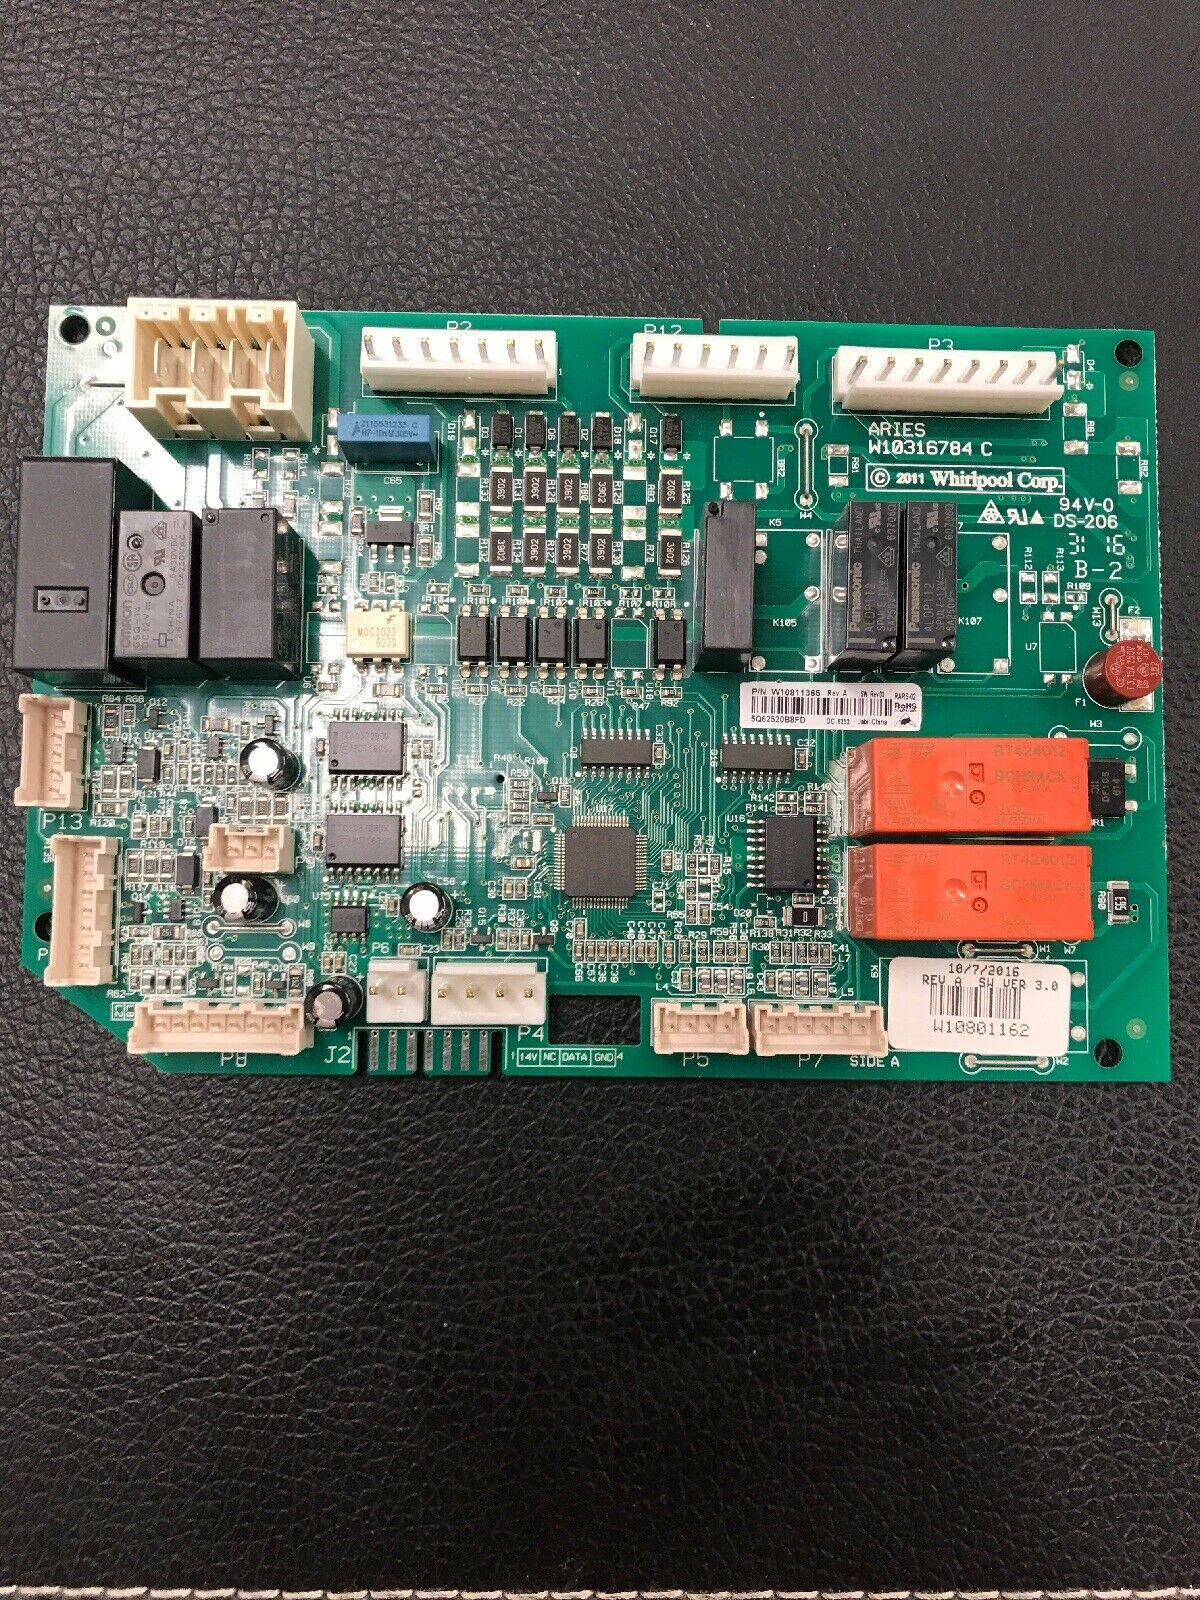 WHIRLPOOL REFRIGERATOR CONTROL BOARD W10811365